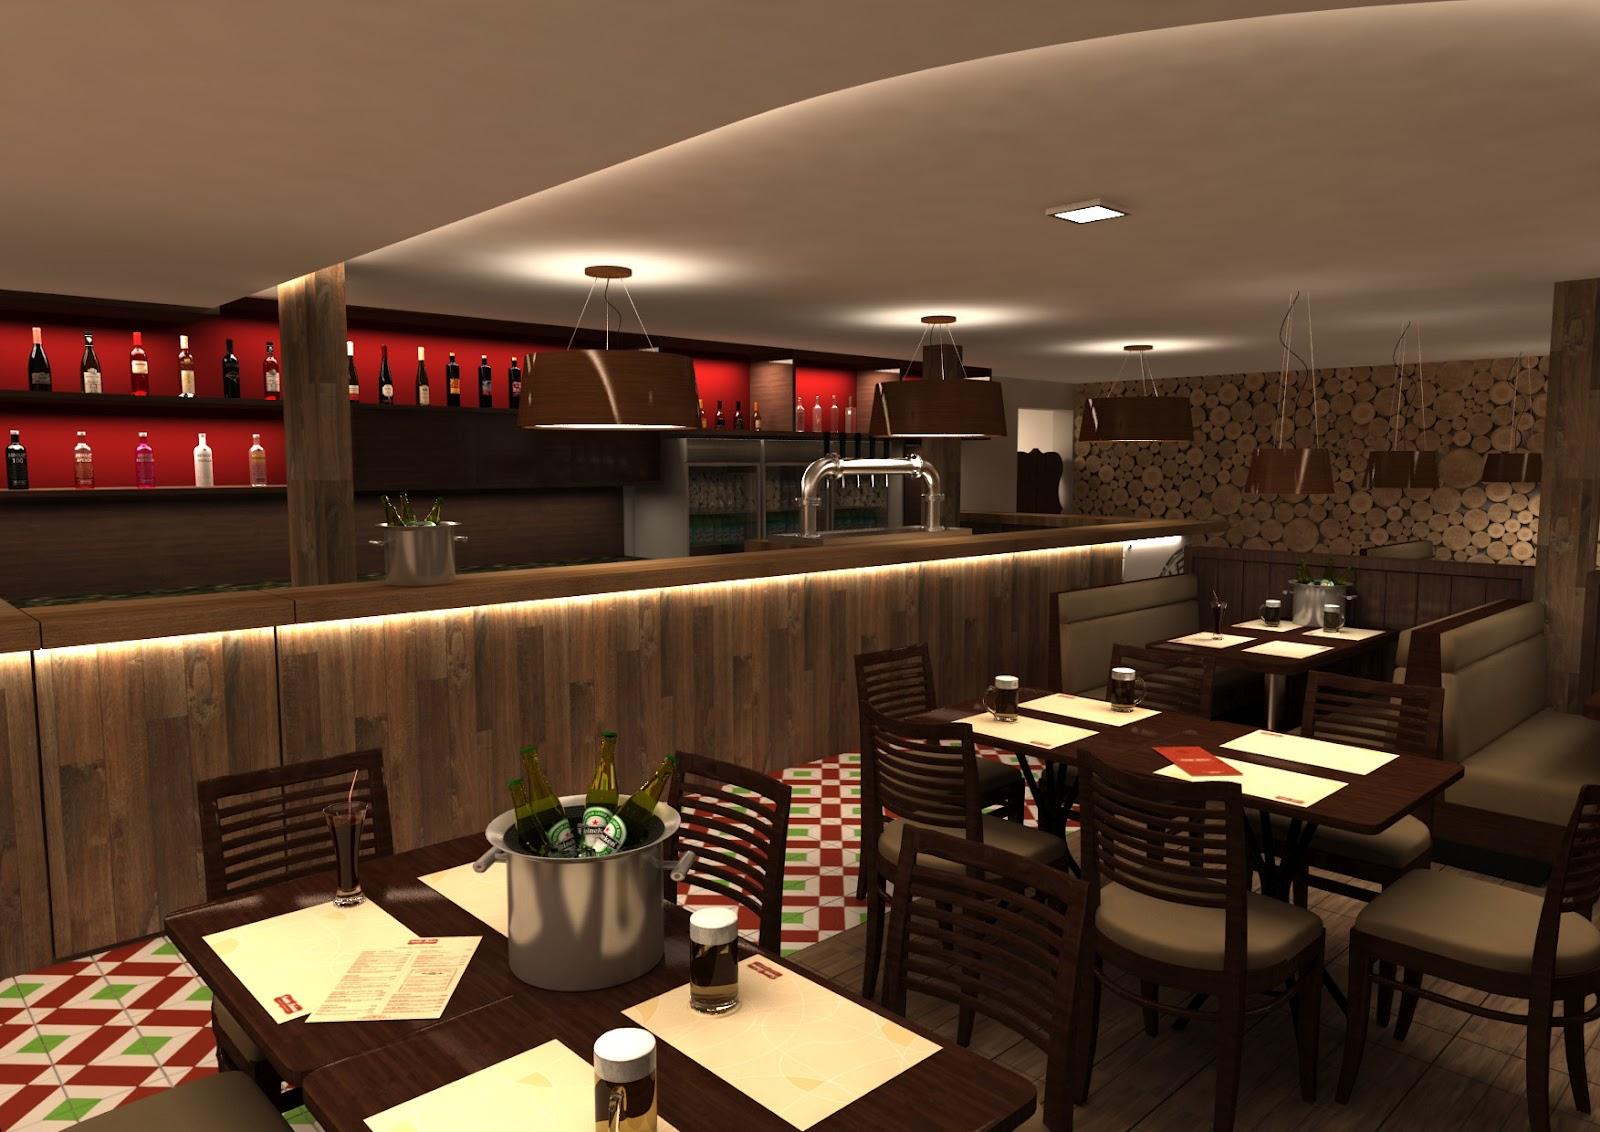 Creare studio design santa brasa goiania for Creare design